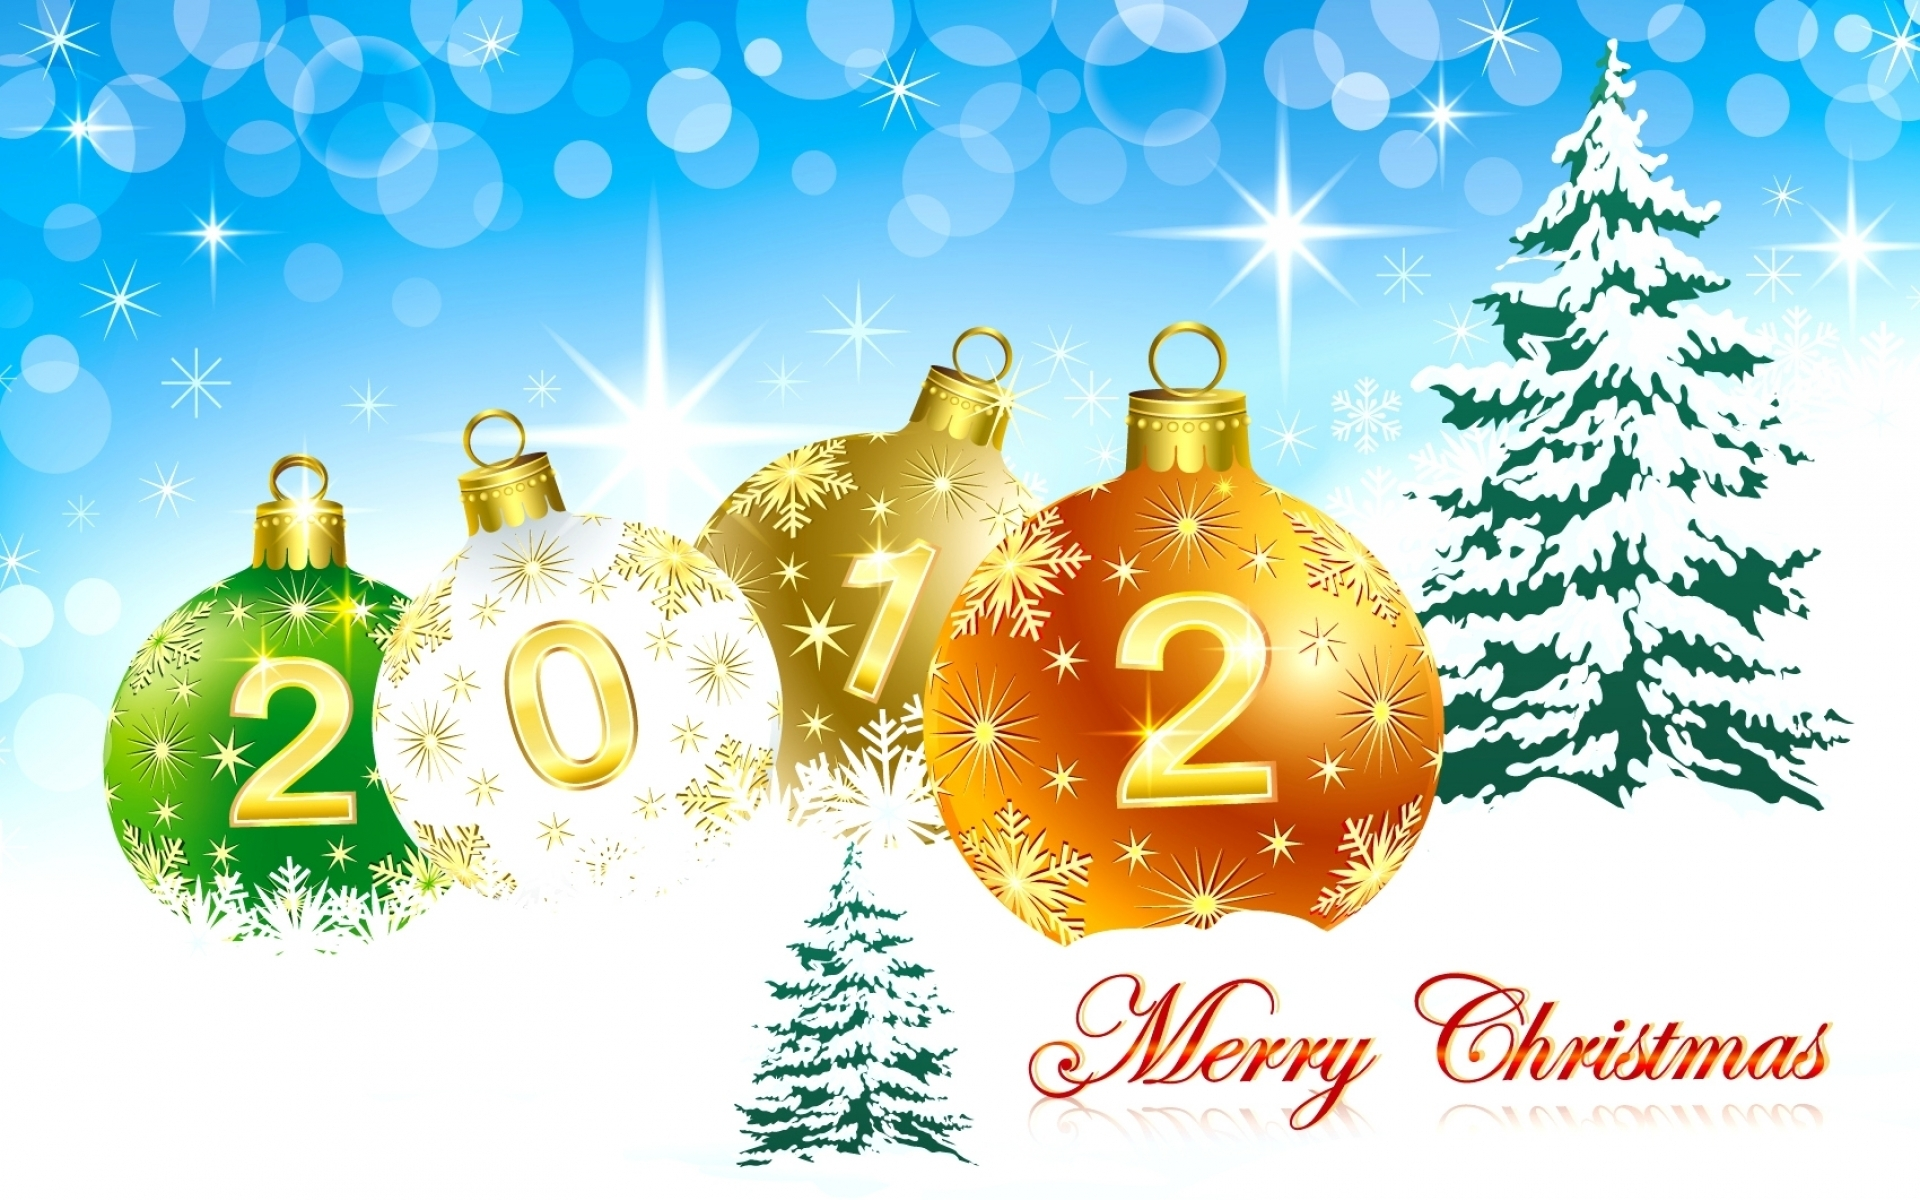 Новый 2012 год поздравление фото 652